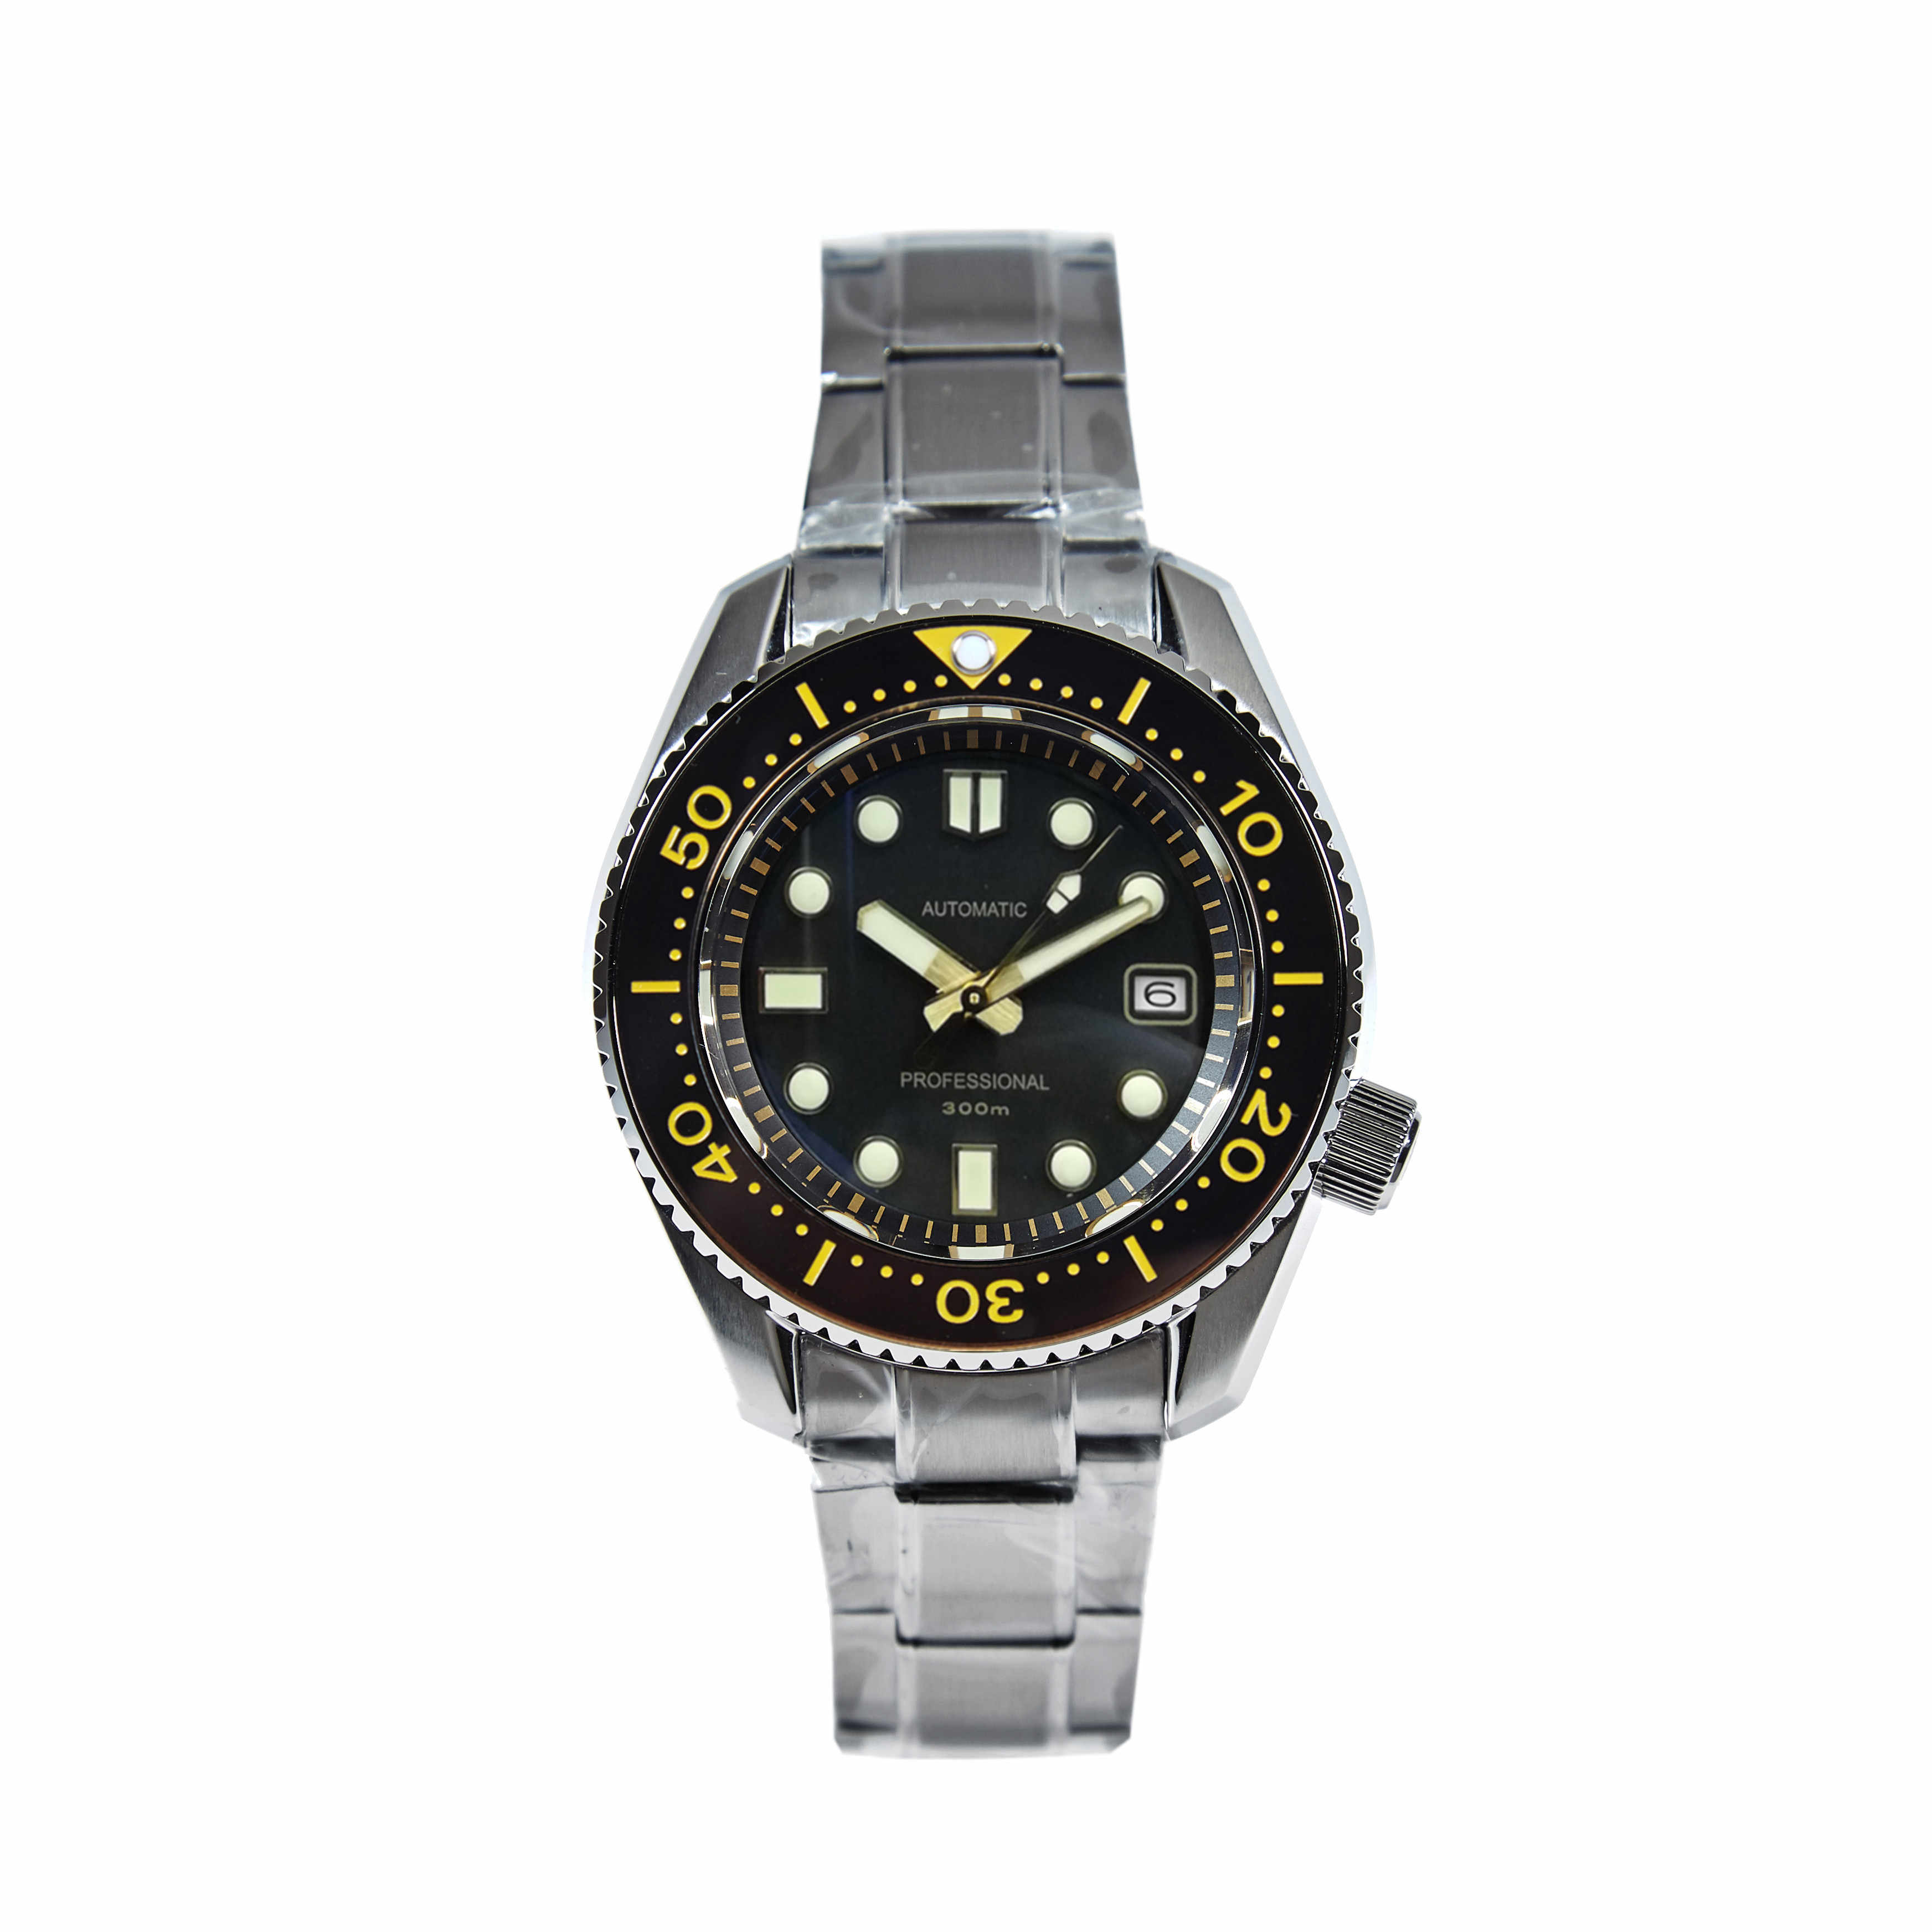 なしロゴstainles鋼バンド 44 ミリメートルブラックダイヤルセラミックベゼルサファイアガラス 300 メートル防水ステンレス鋼NH35 自動時計